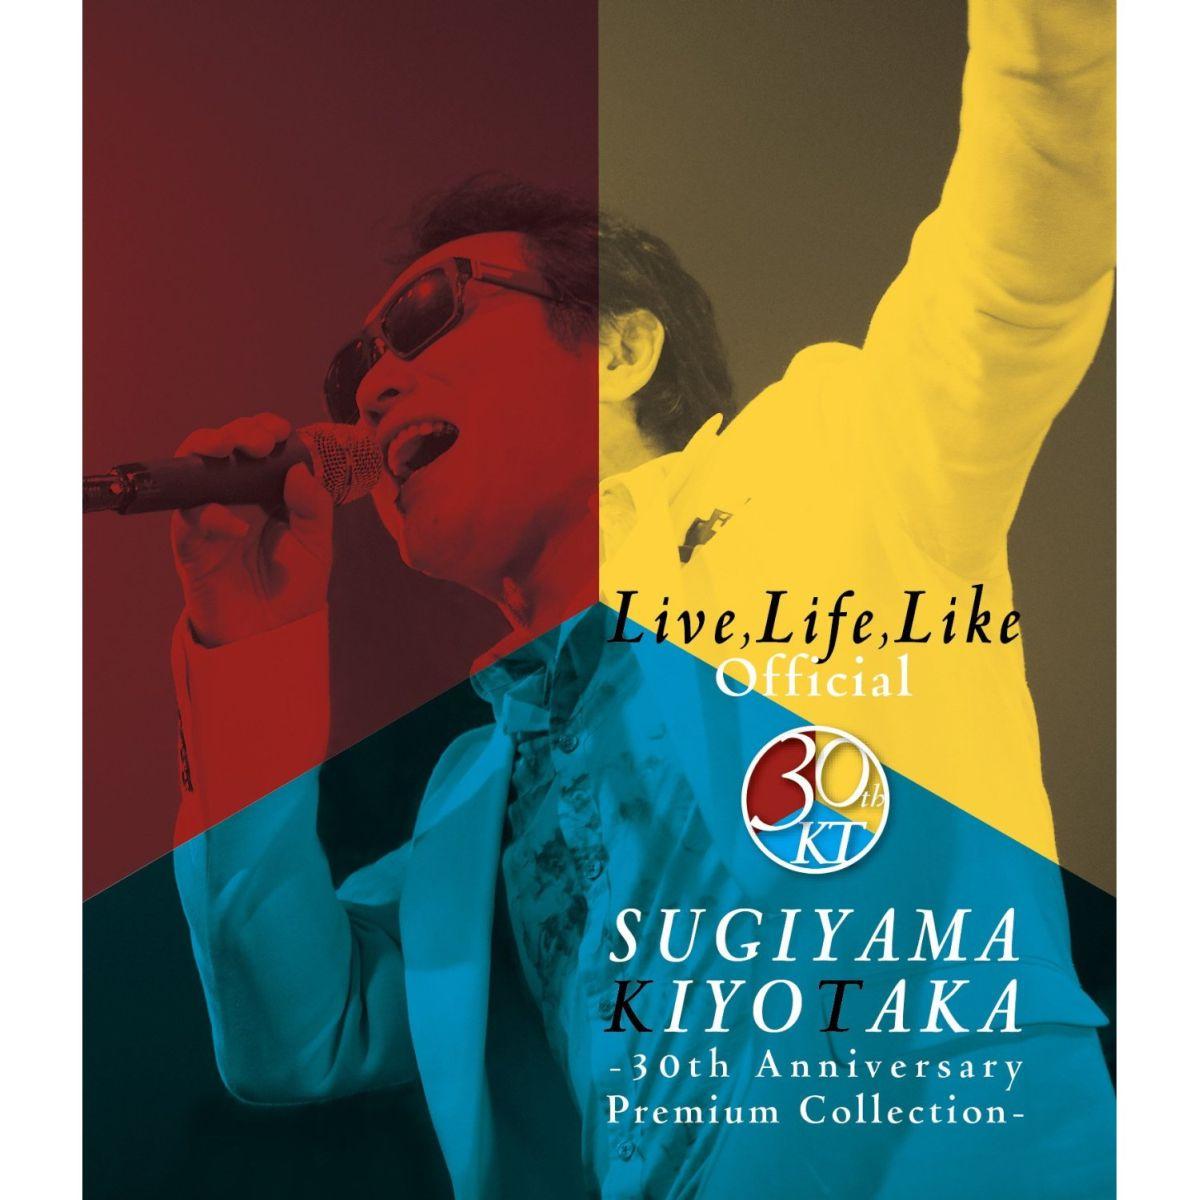 杉山清貴/Live,Life,Like Official -30th Anniversary Premium Collection-【Blu-ray】画像